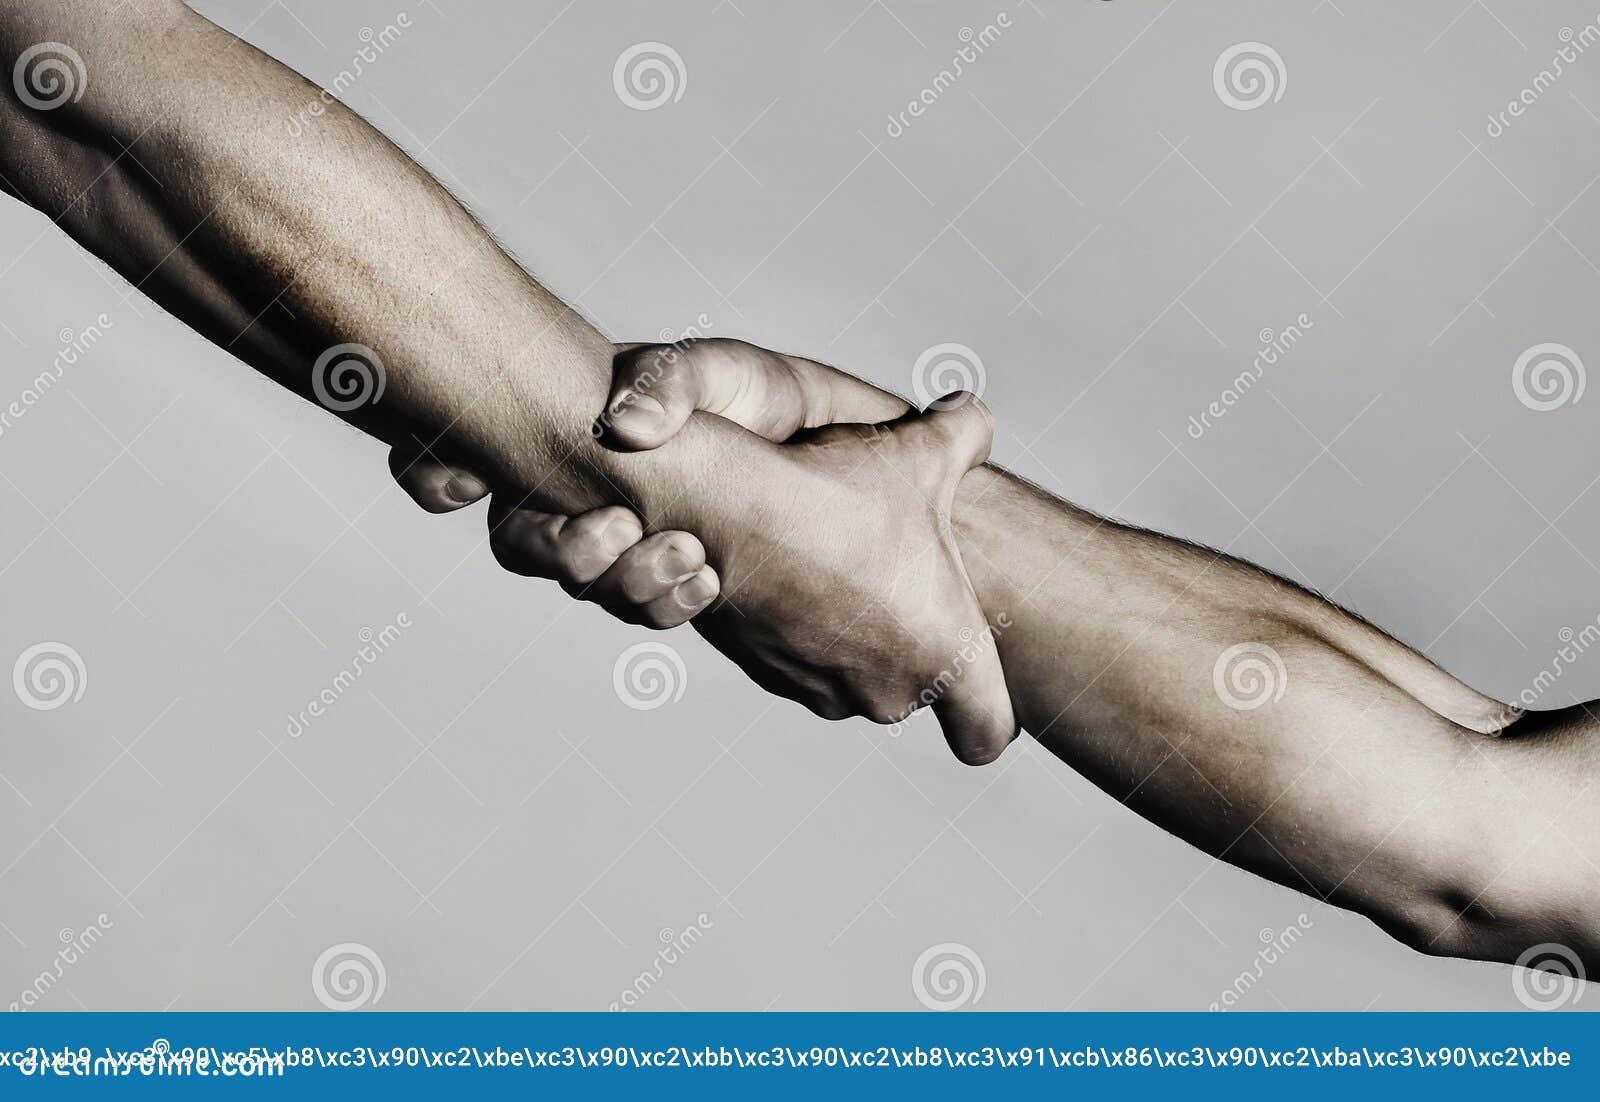 Rettung Helfende Geste Oder Hände Starker Einfluss Zwei Hände Handreichung Eines Freunds Händedruck Arme Freundschaft Stockfoto Bild Von Einfluss Helfende 131888736